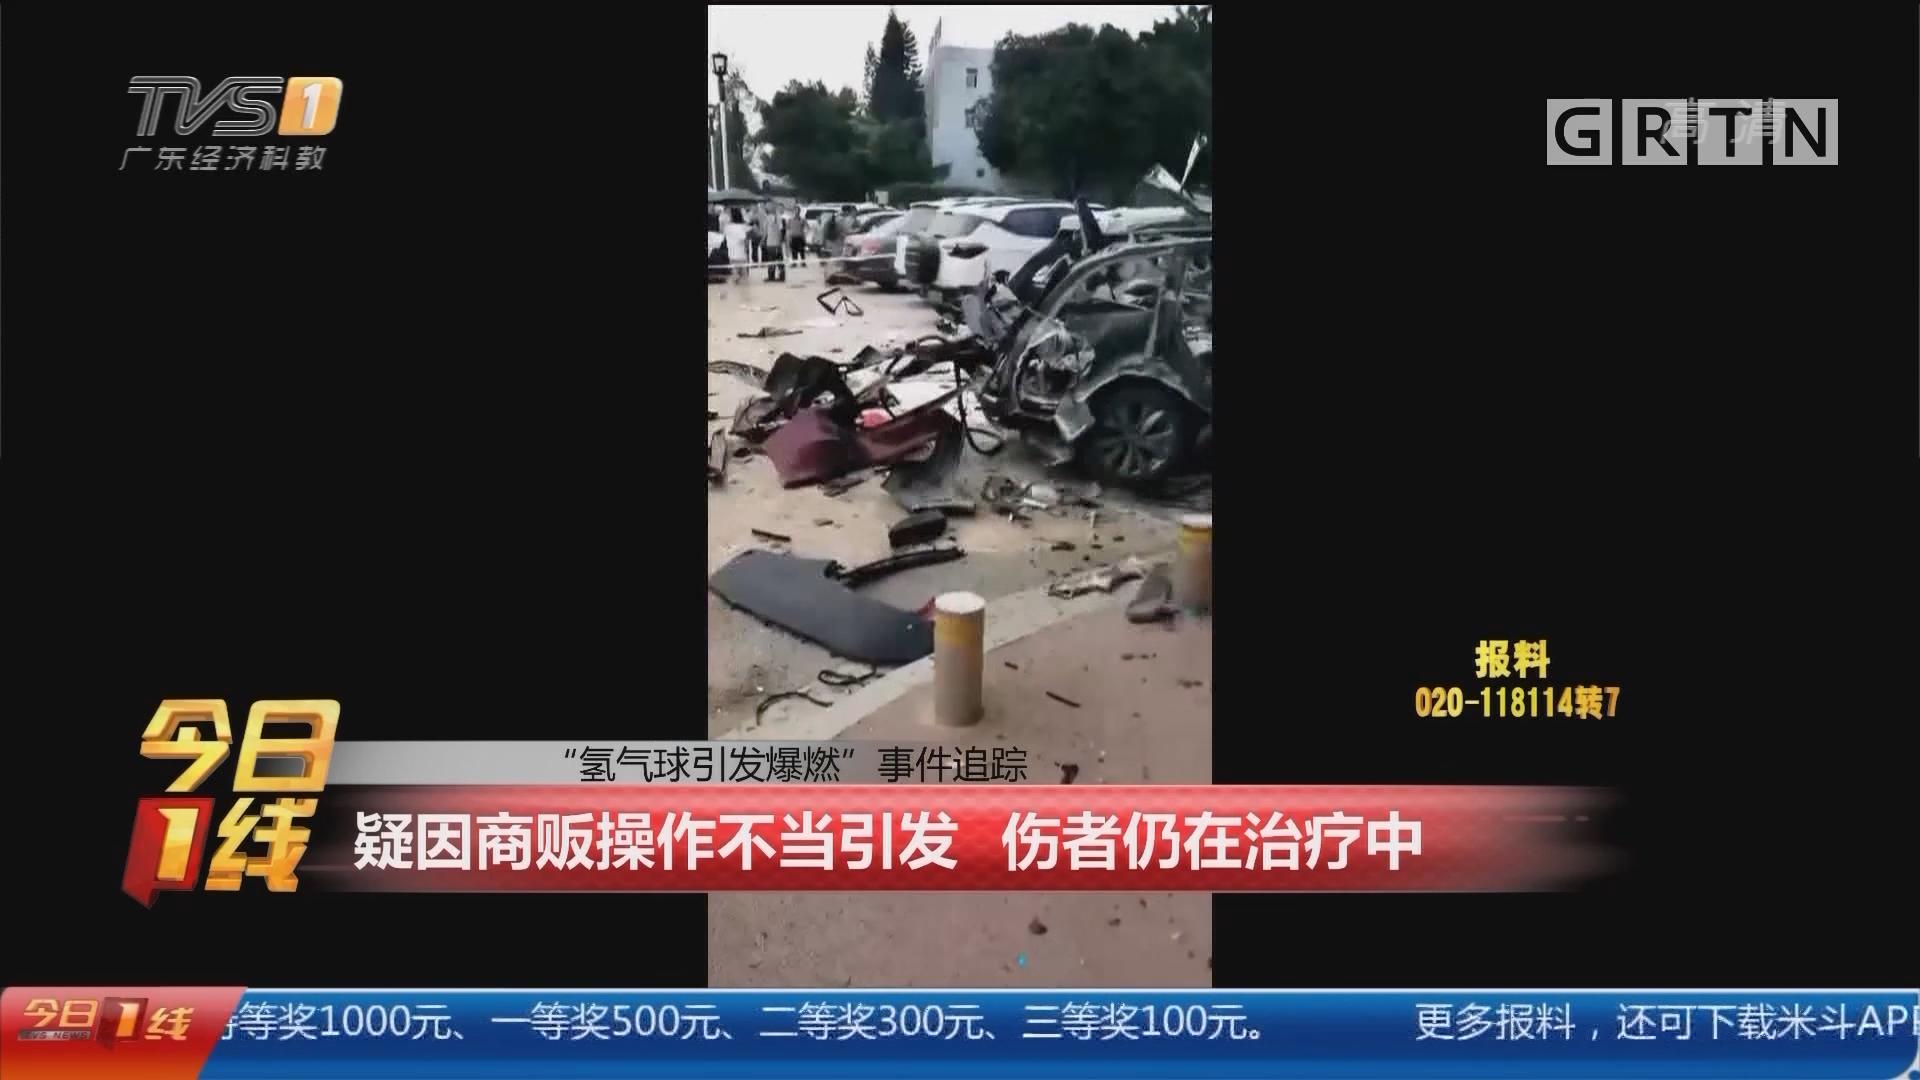 氢气球引发爆炸 事件追踪:疑因商贩操作不当引发 伤者仍在治疗中